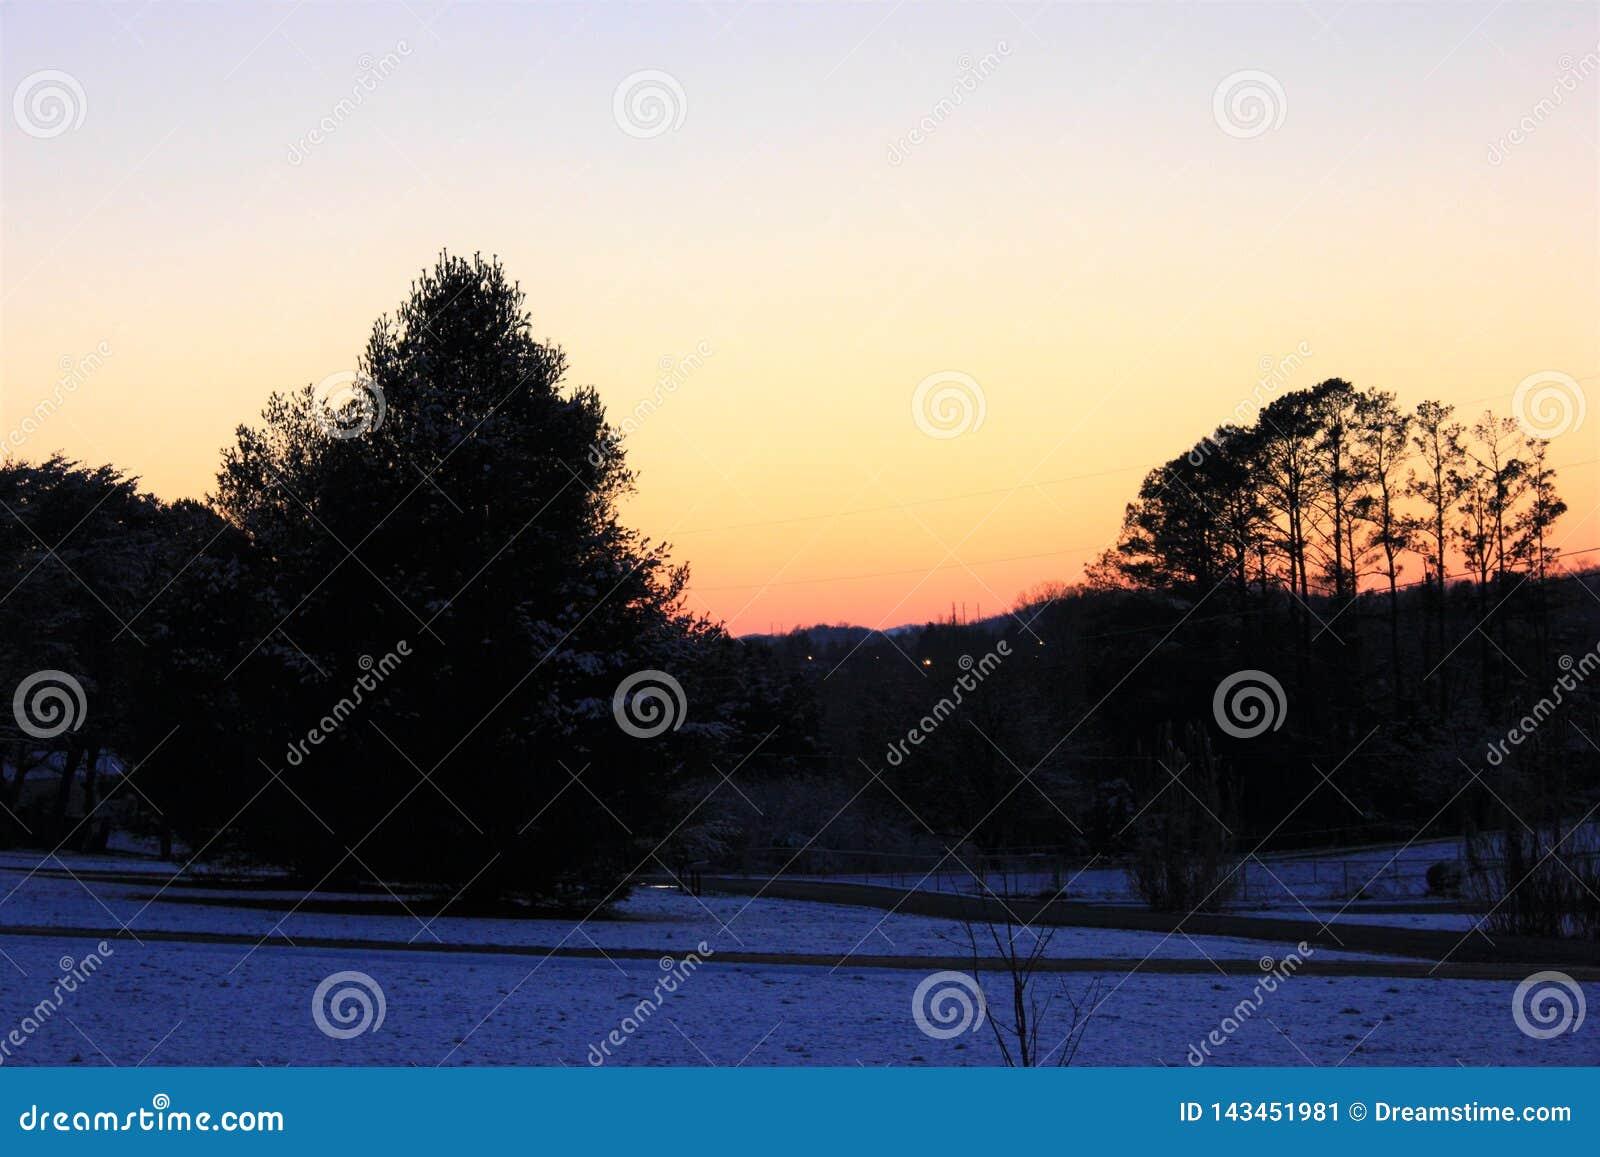 Ηλιοβασίλεμα το χειμώνα που πλαισιώνεται από τα όμορφα δέντρα